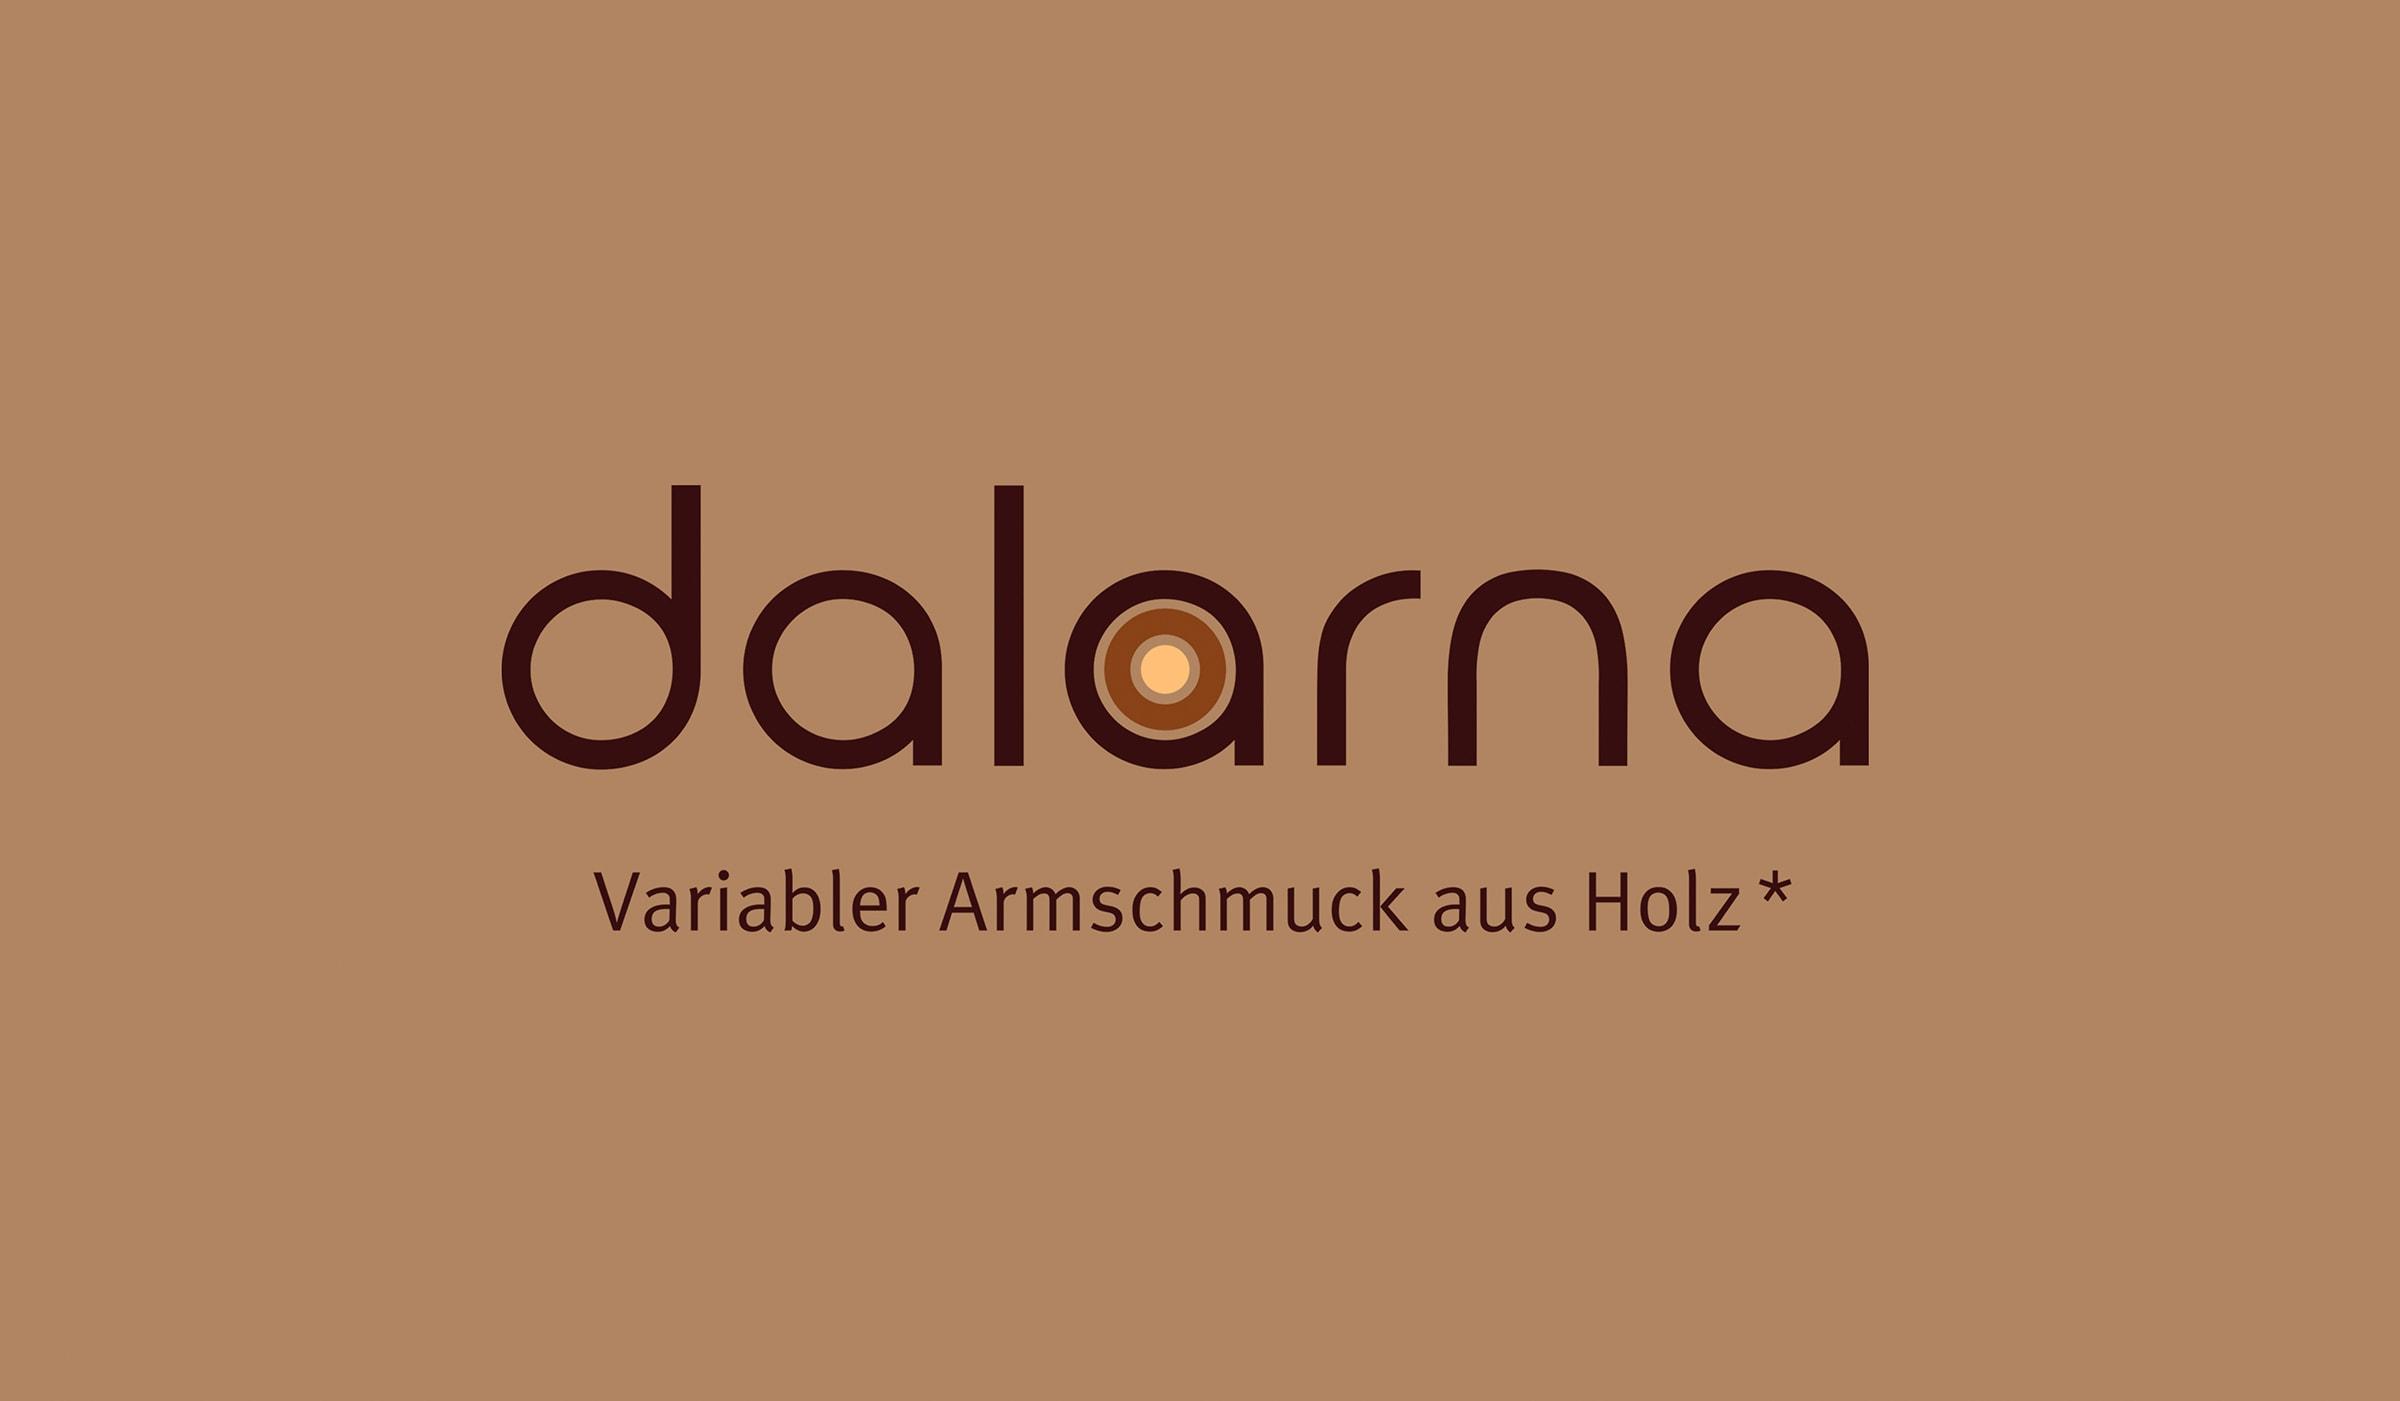 Konzeptarbeit ~ Produktentwicklung & Vermarktung ~ Logodesign // Logodesign für dalarna – Variabler Armschmuck aus Holz* // dalarna // Branding/ Brand Design/ Corporate Design/ Logo/ KERSTIN MICHELS – DESIGN/ Designagentur/ Werbeagentur/Grafikdesign/ Kommunikationsdesign/ Hermeskeil/ Hochwald/ Trier/ Rheinland-Pfalz/ Werbung/ Design